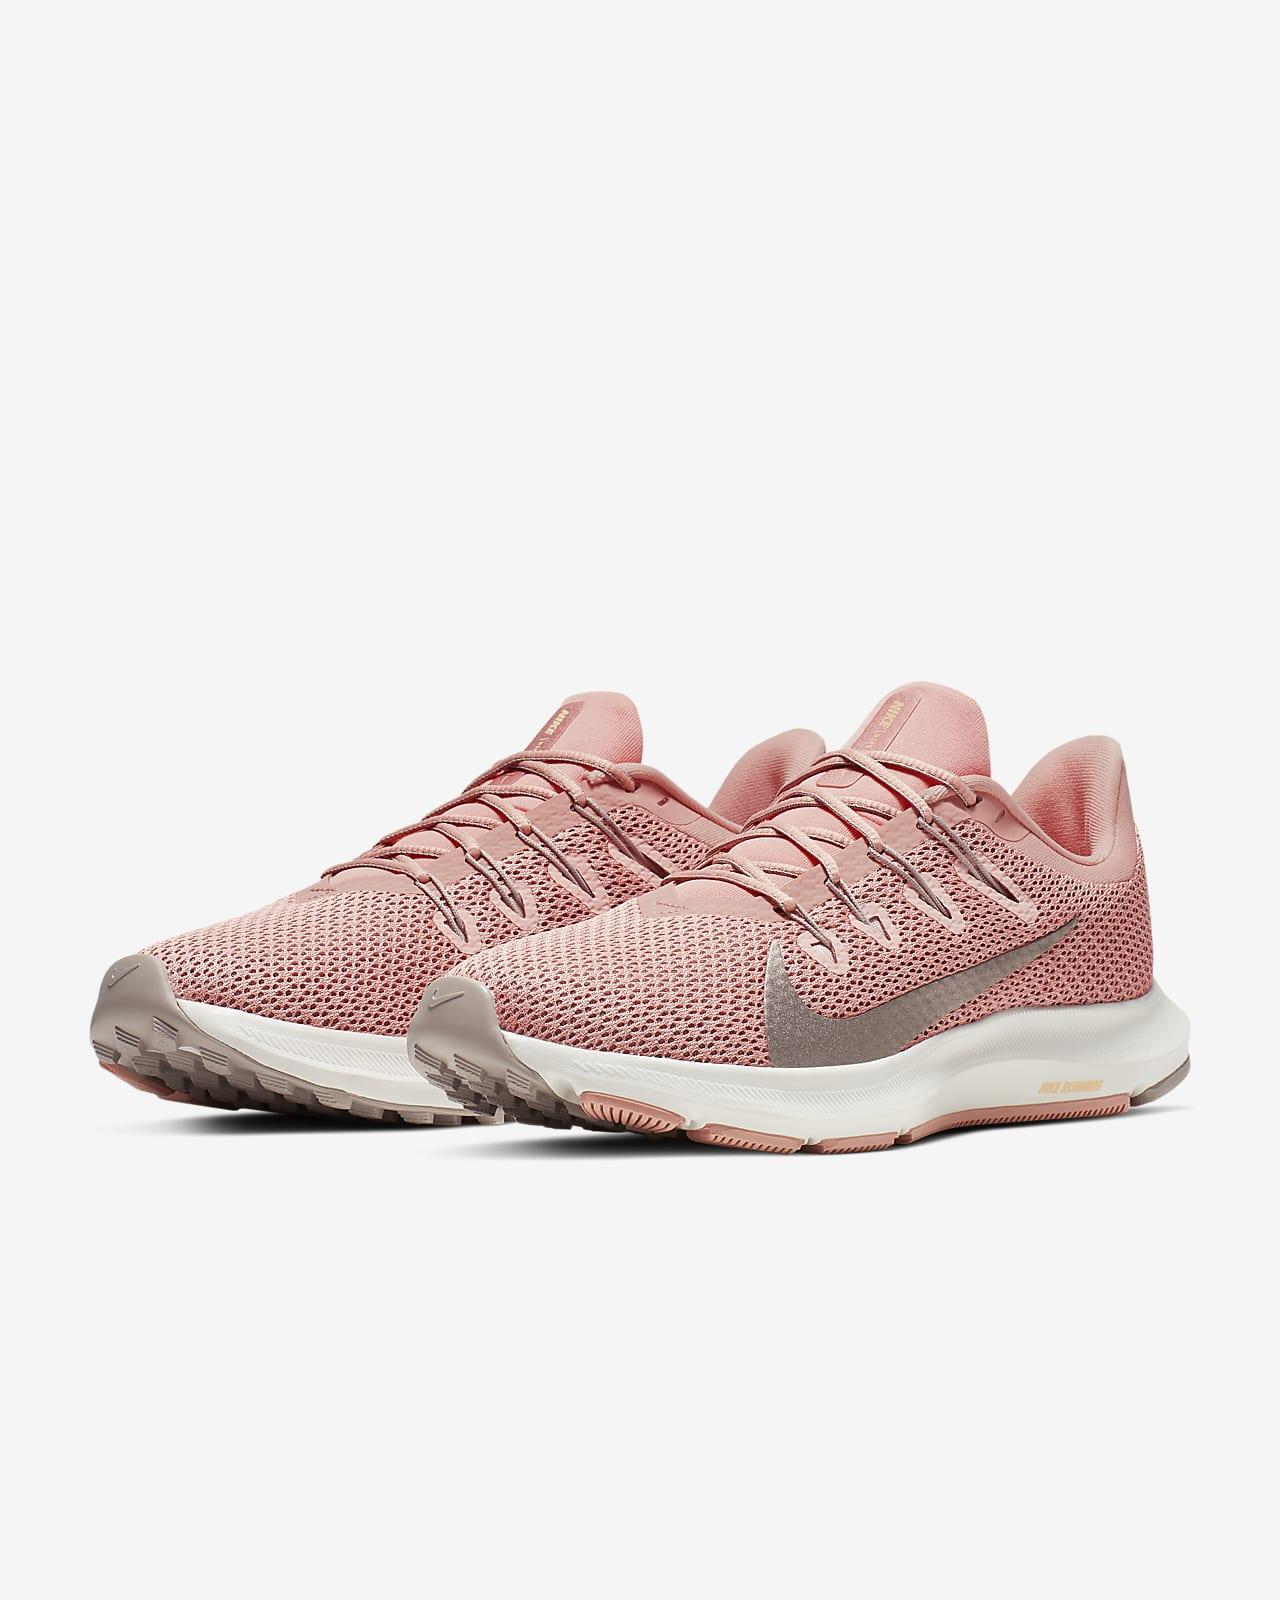 Muñeco de peluche Pies suaves Manía  Nike Quest 2 Zapatillas de running - Mujer. Nike ES